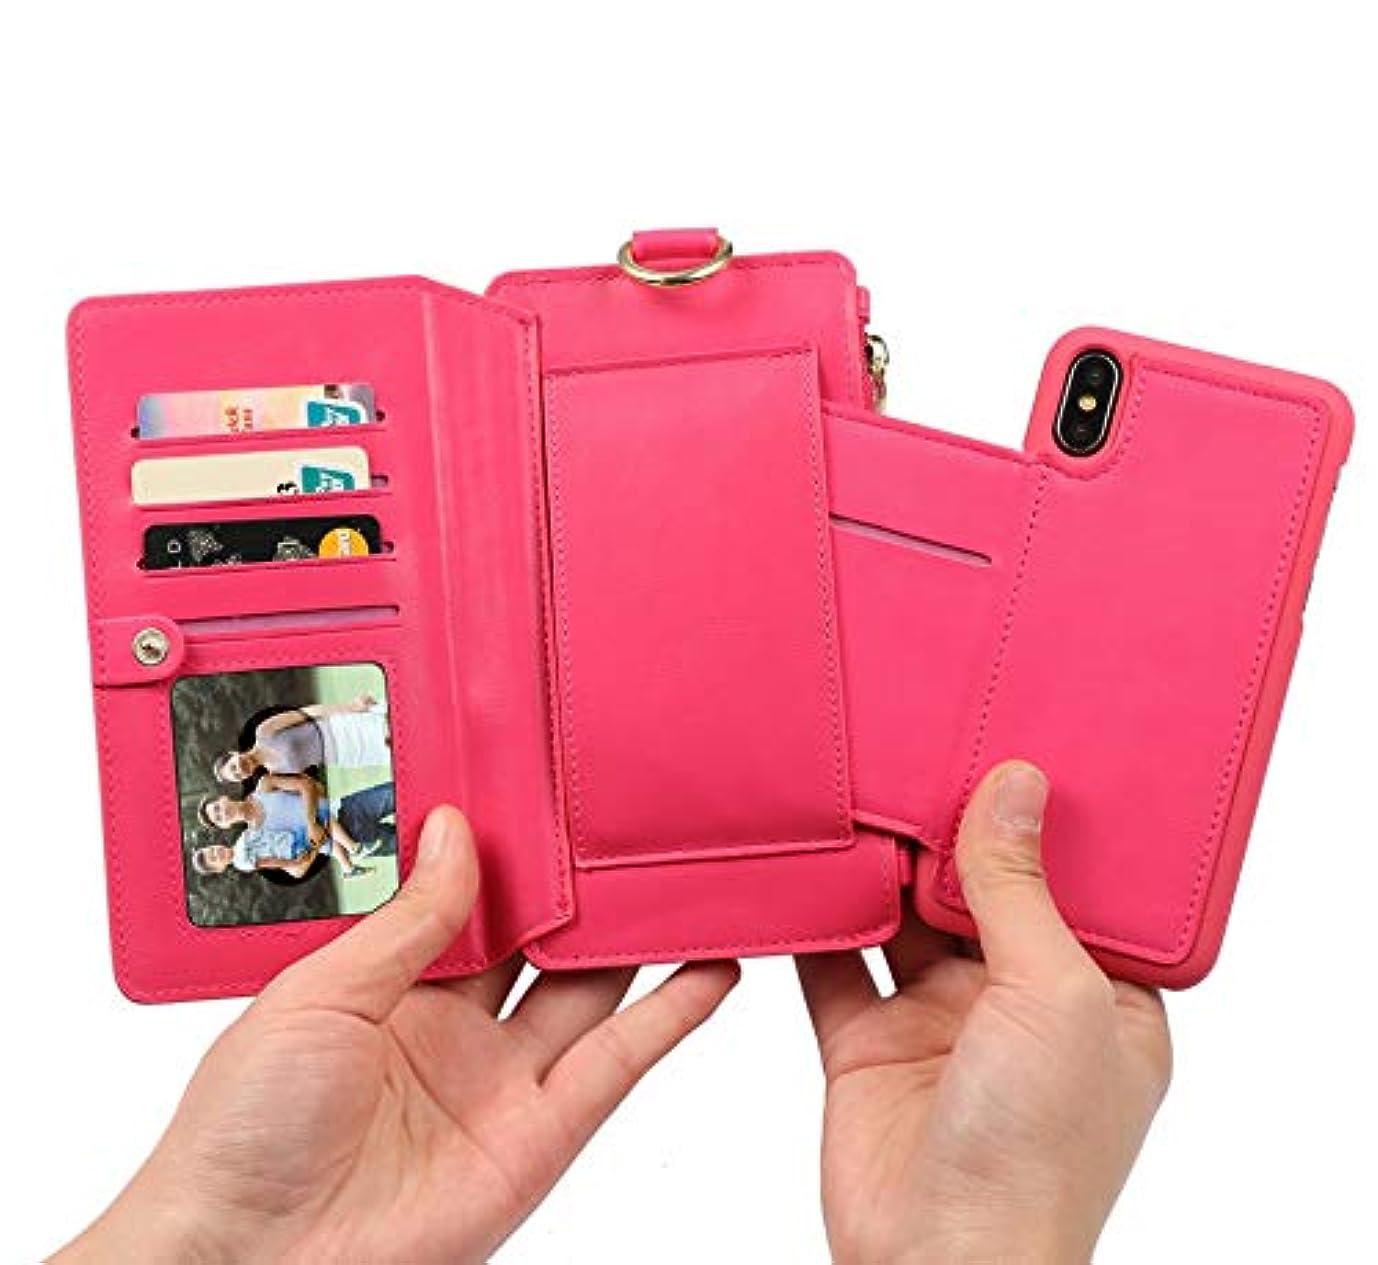 着実に蜂くぼみiPhone 8 Plus パソコンExit包保護套 - 折りたたみ保護袖 - 立ちブラケット-ビジネススタイル-全身保護-内殻金属リング-12札入れ-相枠-取り外し可能な電話ケース財布 5.5インチiPhone 7 Plus...